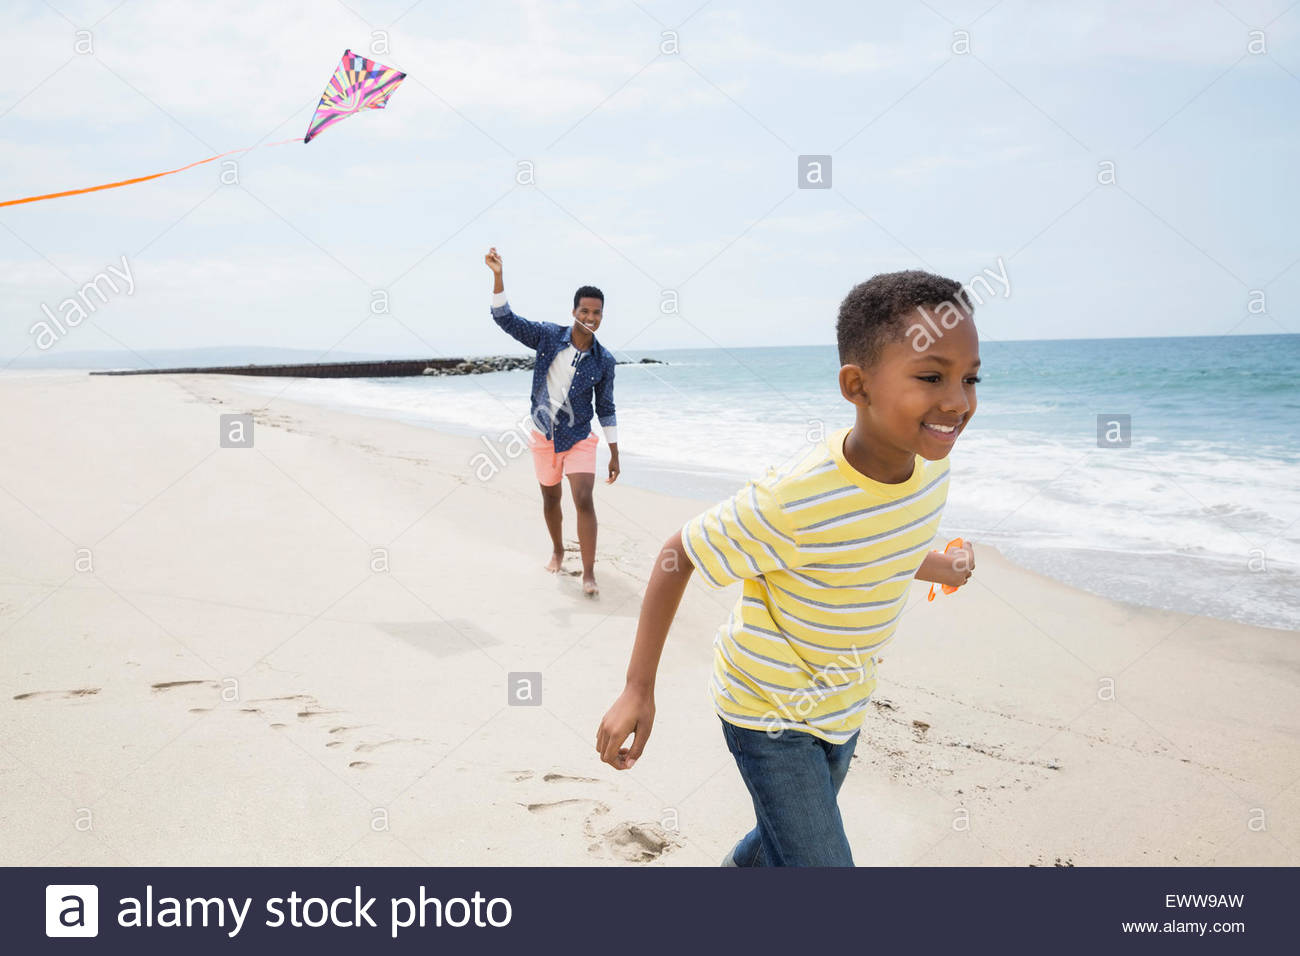 Padre e figlio aquilone volante sulla spiaggia Immagini Stock